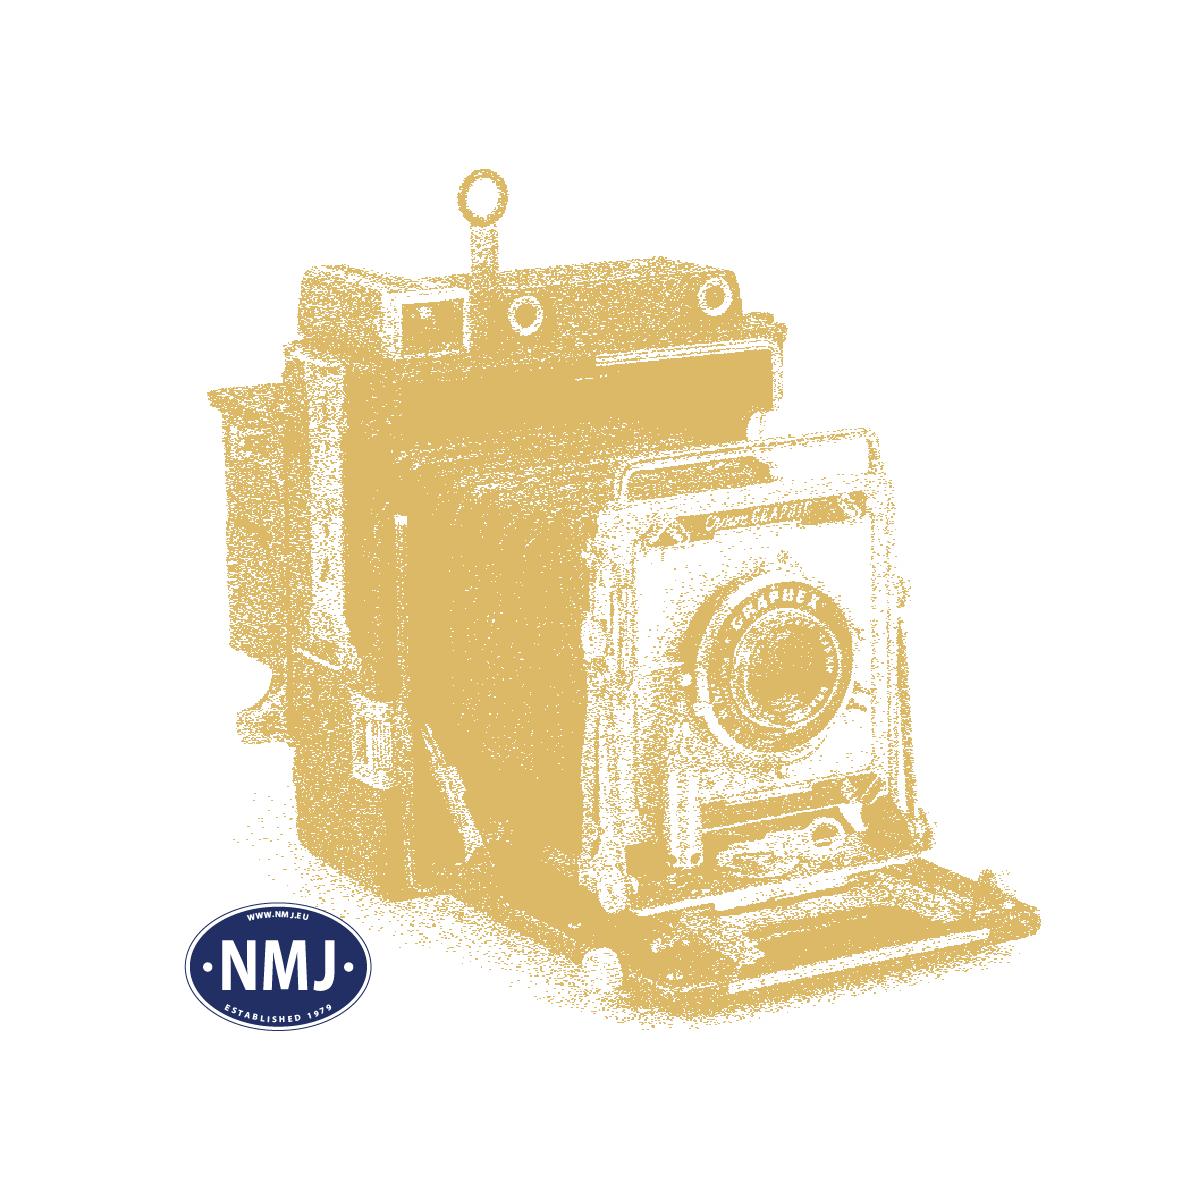 NMJT601.301B - NMJ Topline SJ Stakevogn Os m/ Rørlast - ***uten eske***